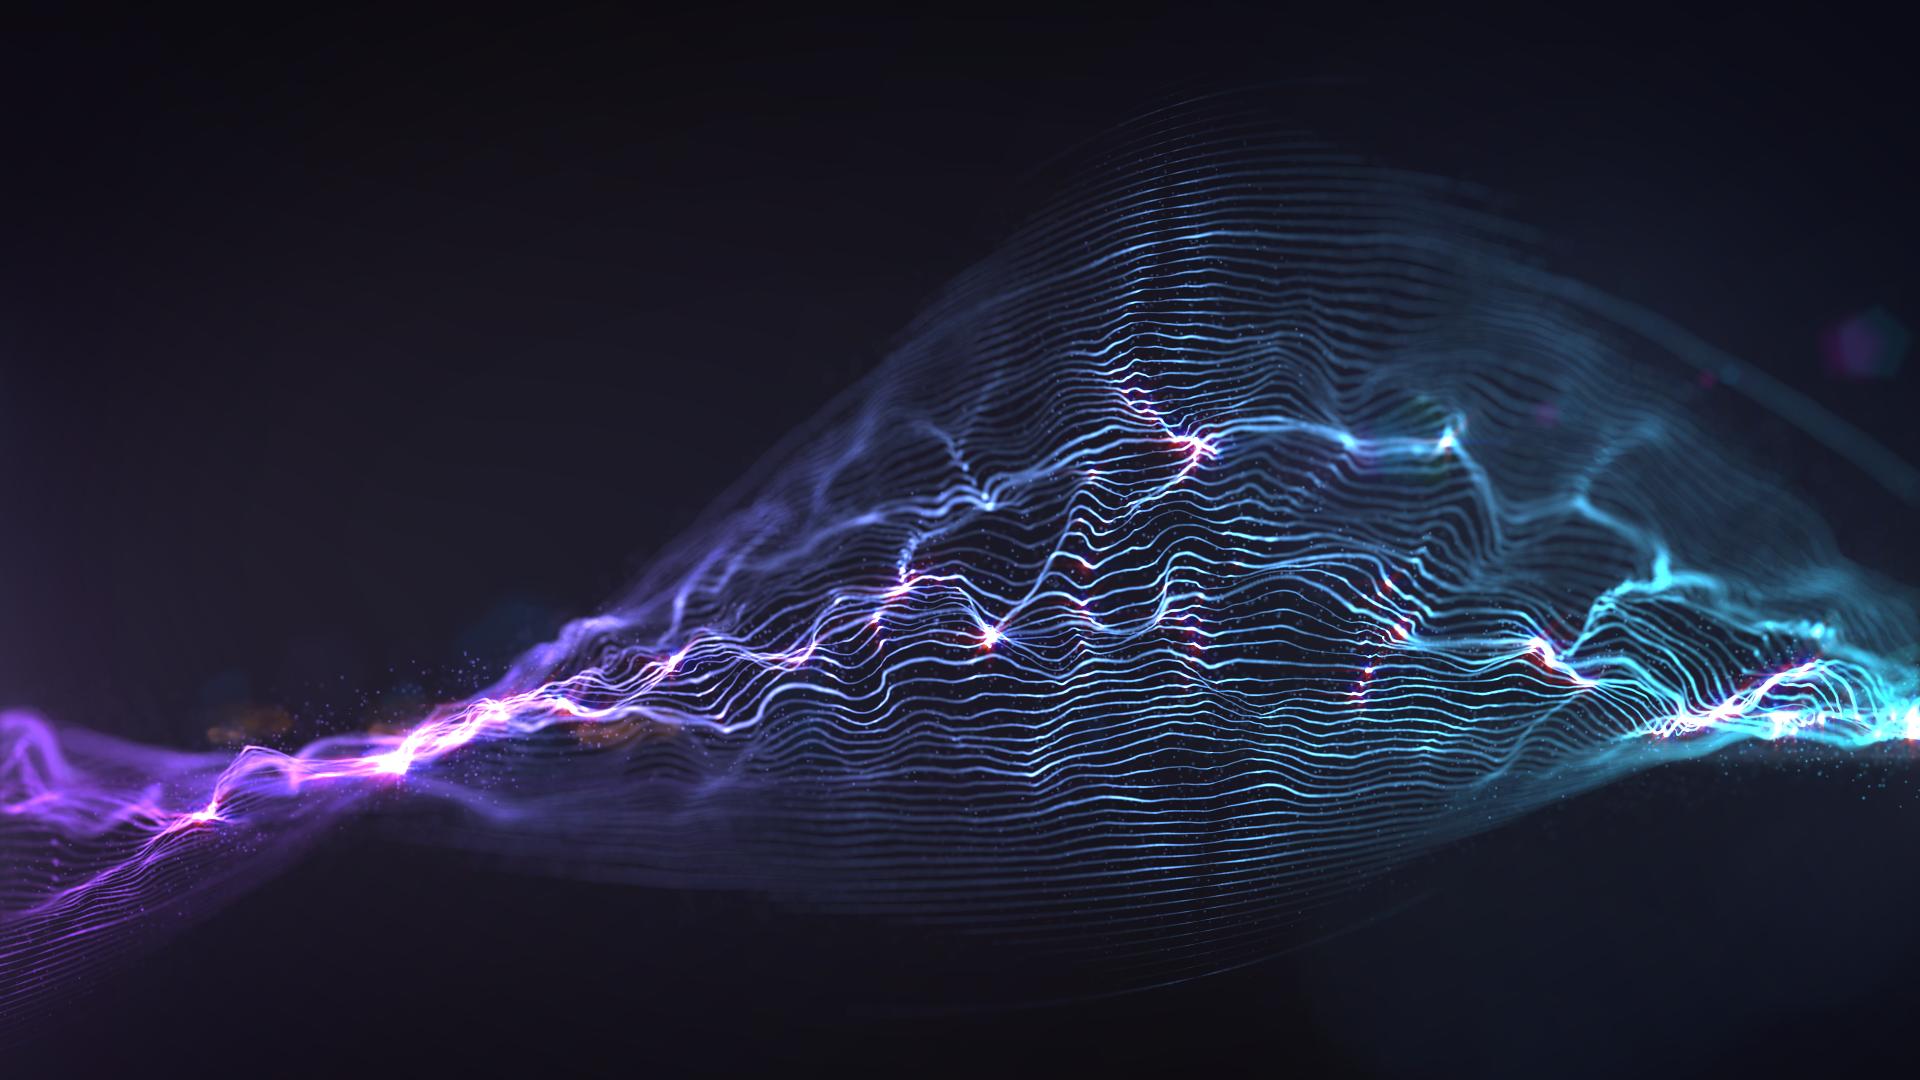 Wallpaper Digital Art Dark Night Abstract Artwork Lightning